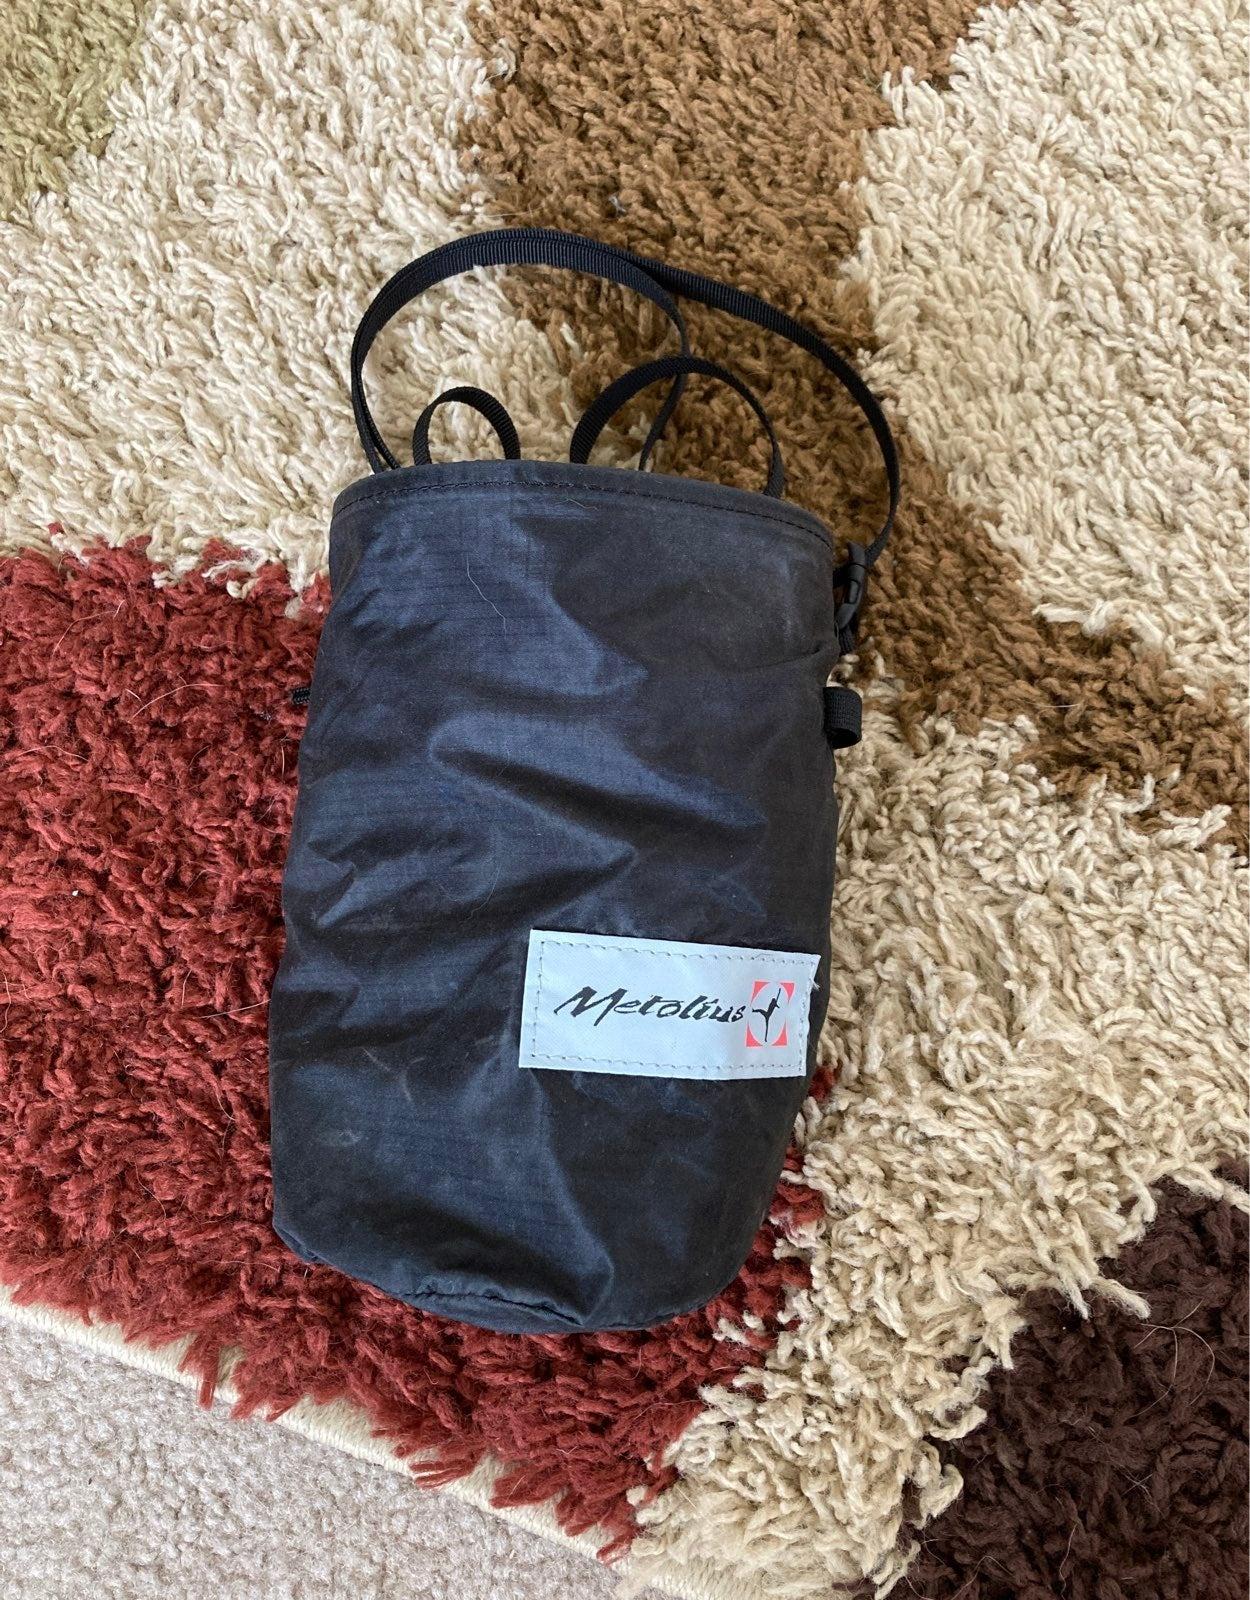 Metolius climbing chalkbag - black NWOT